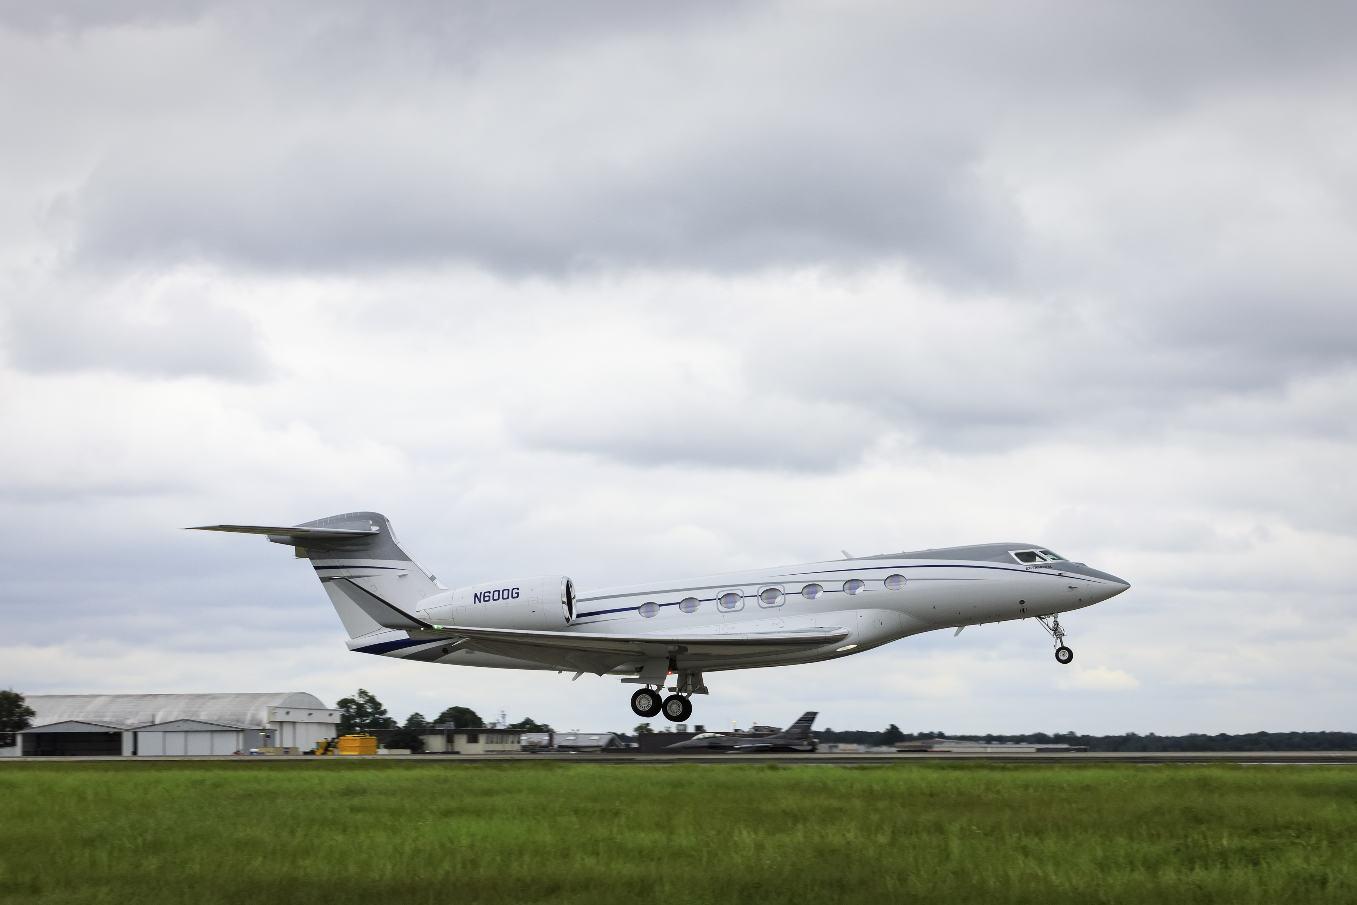 Le cinquième et dernier Gulfstream G600 d'essais en vol a décollé